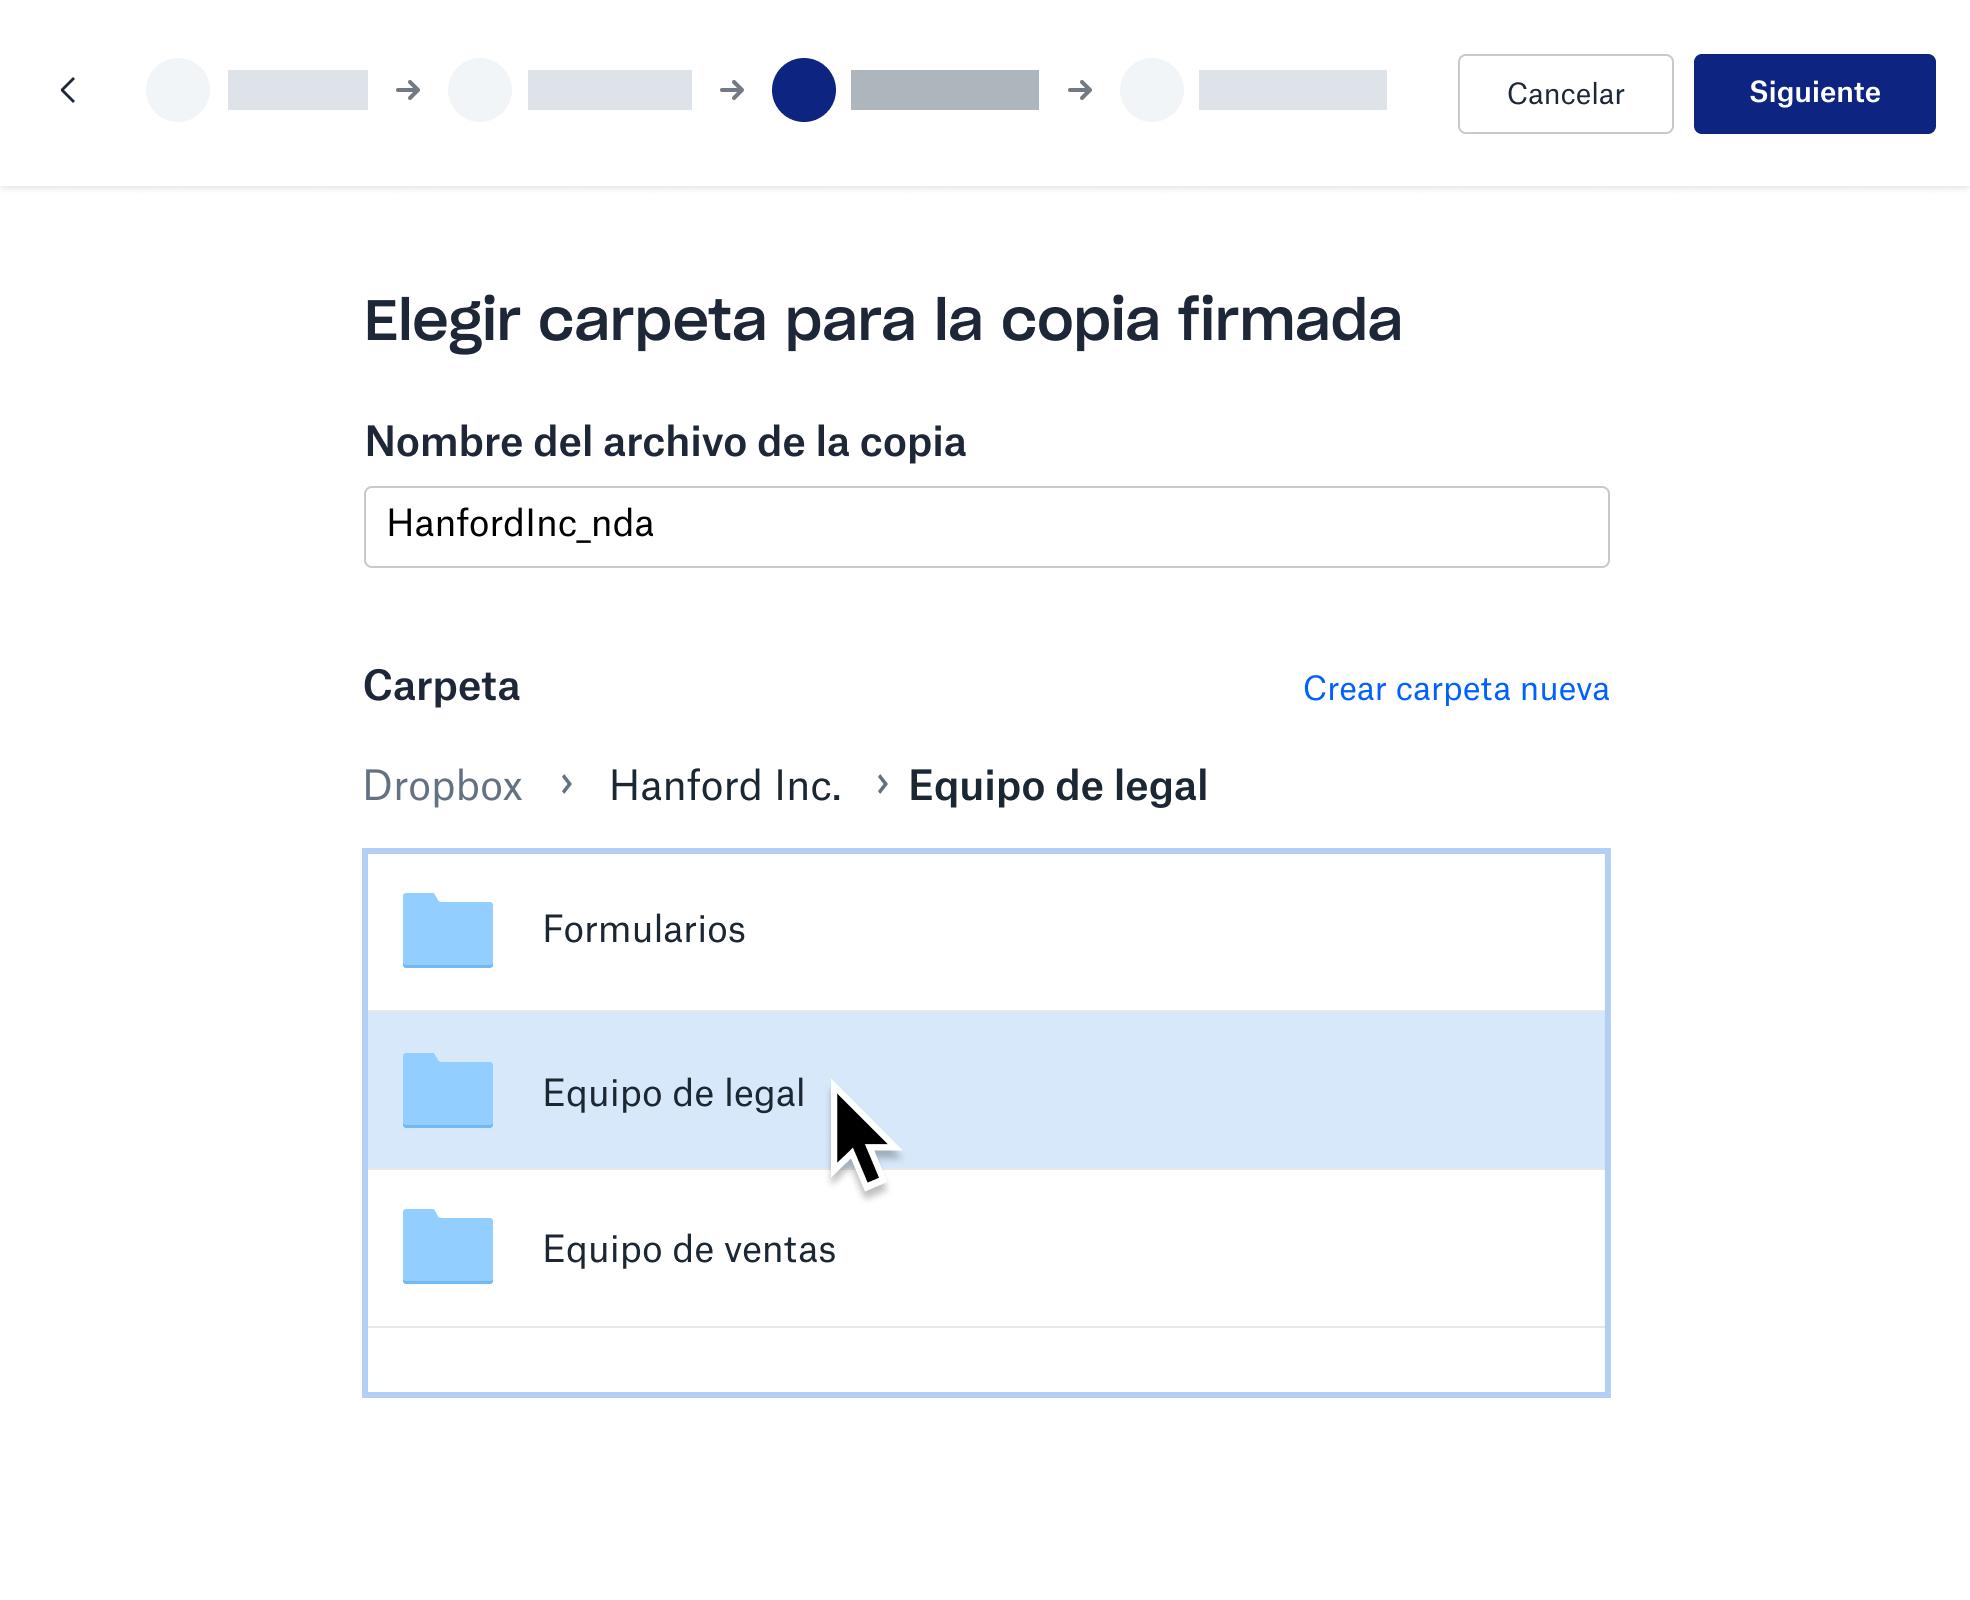 Captura de pantalla del almacenamiento de la copia firmada en una carpeta de Dropbox